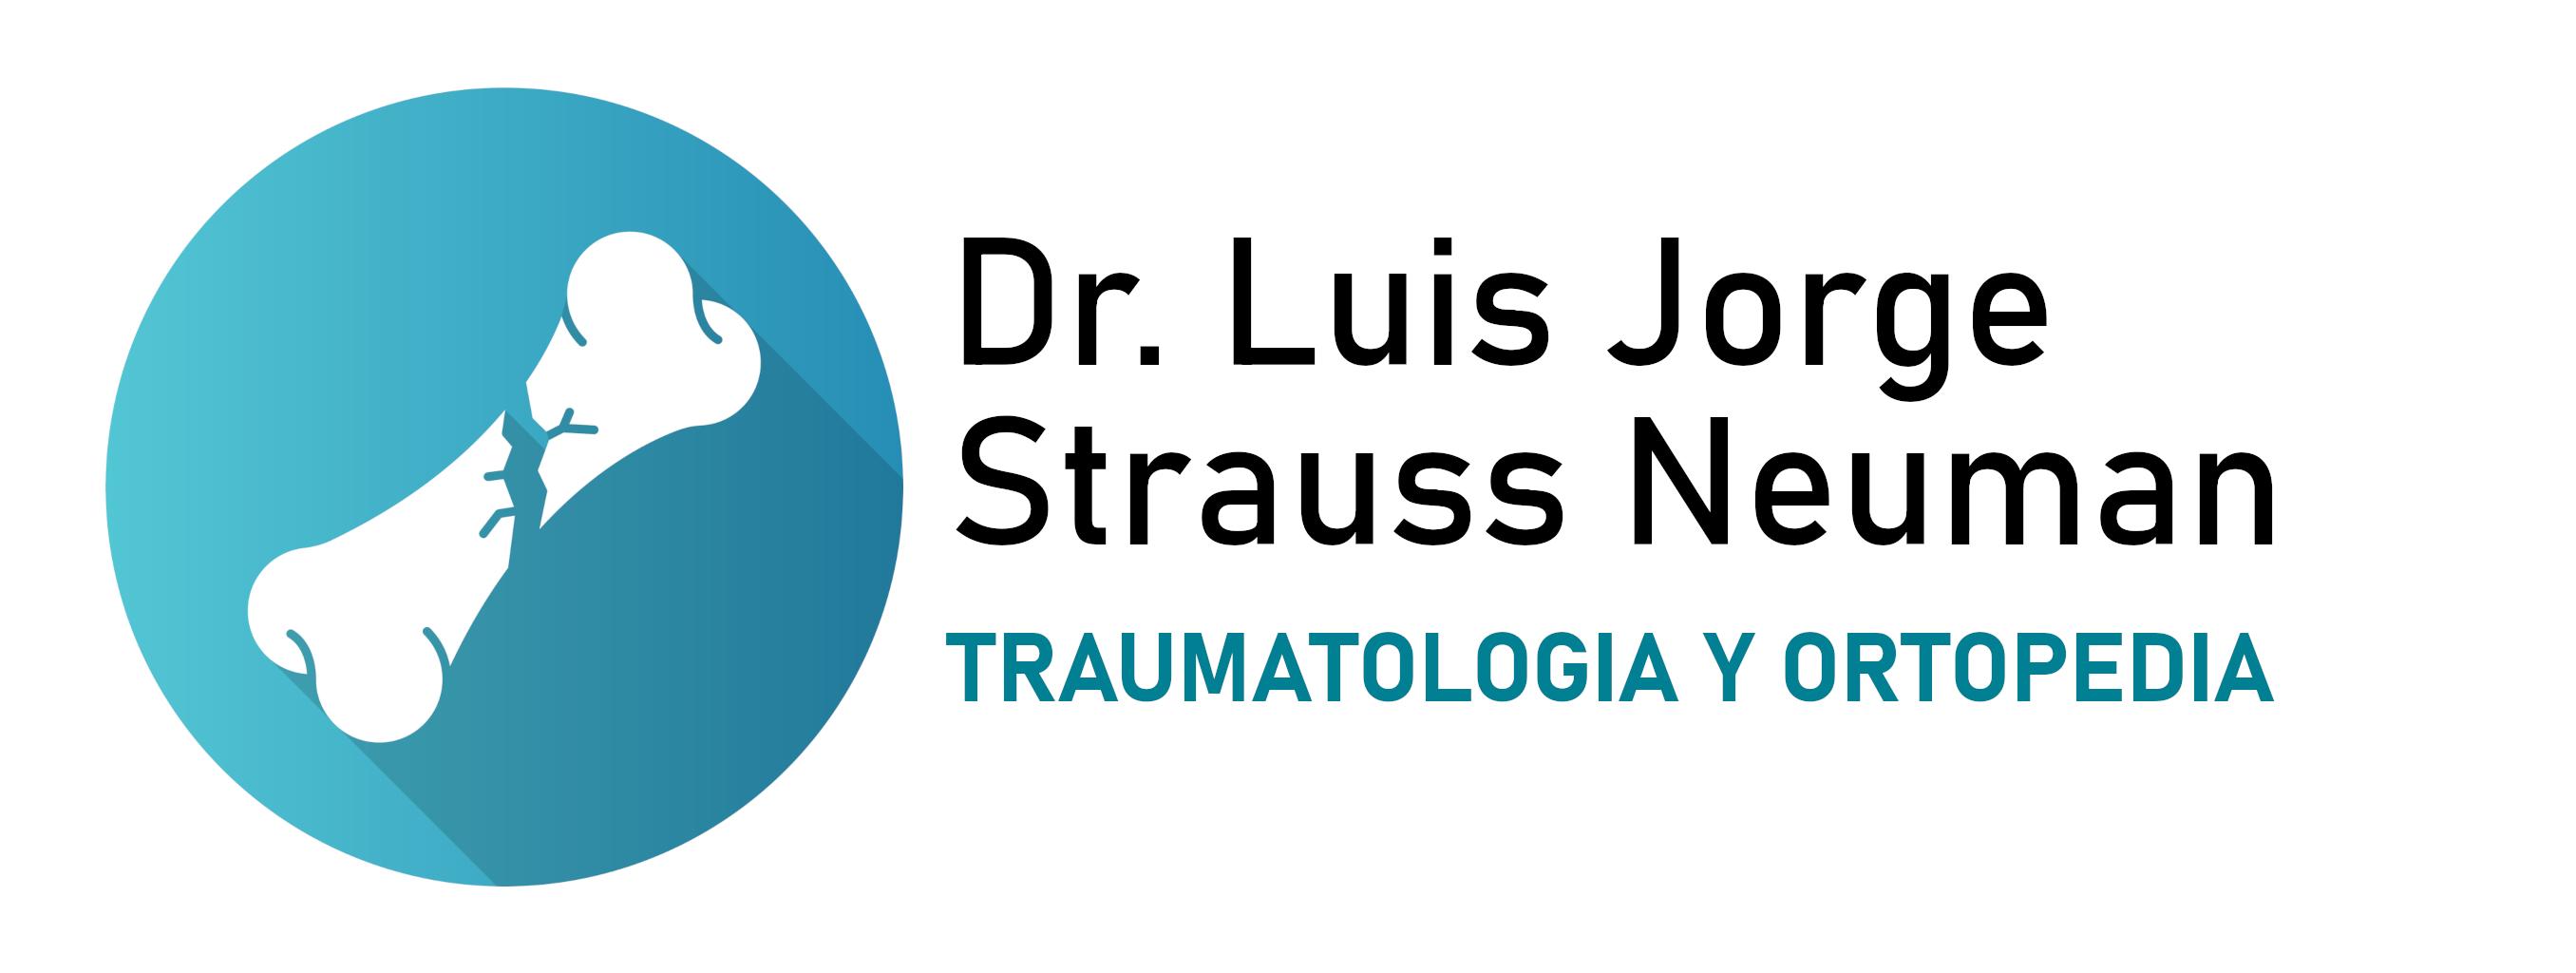 Dr. Luis Jorge Strauss Neuman